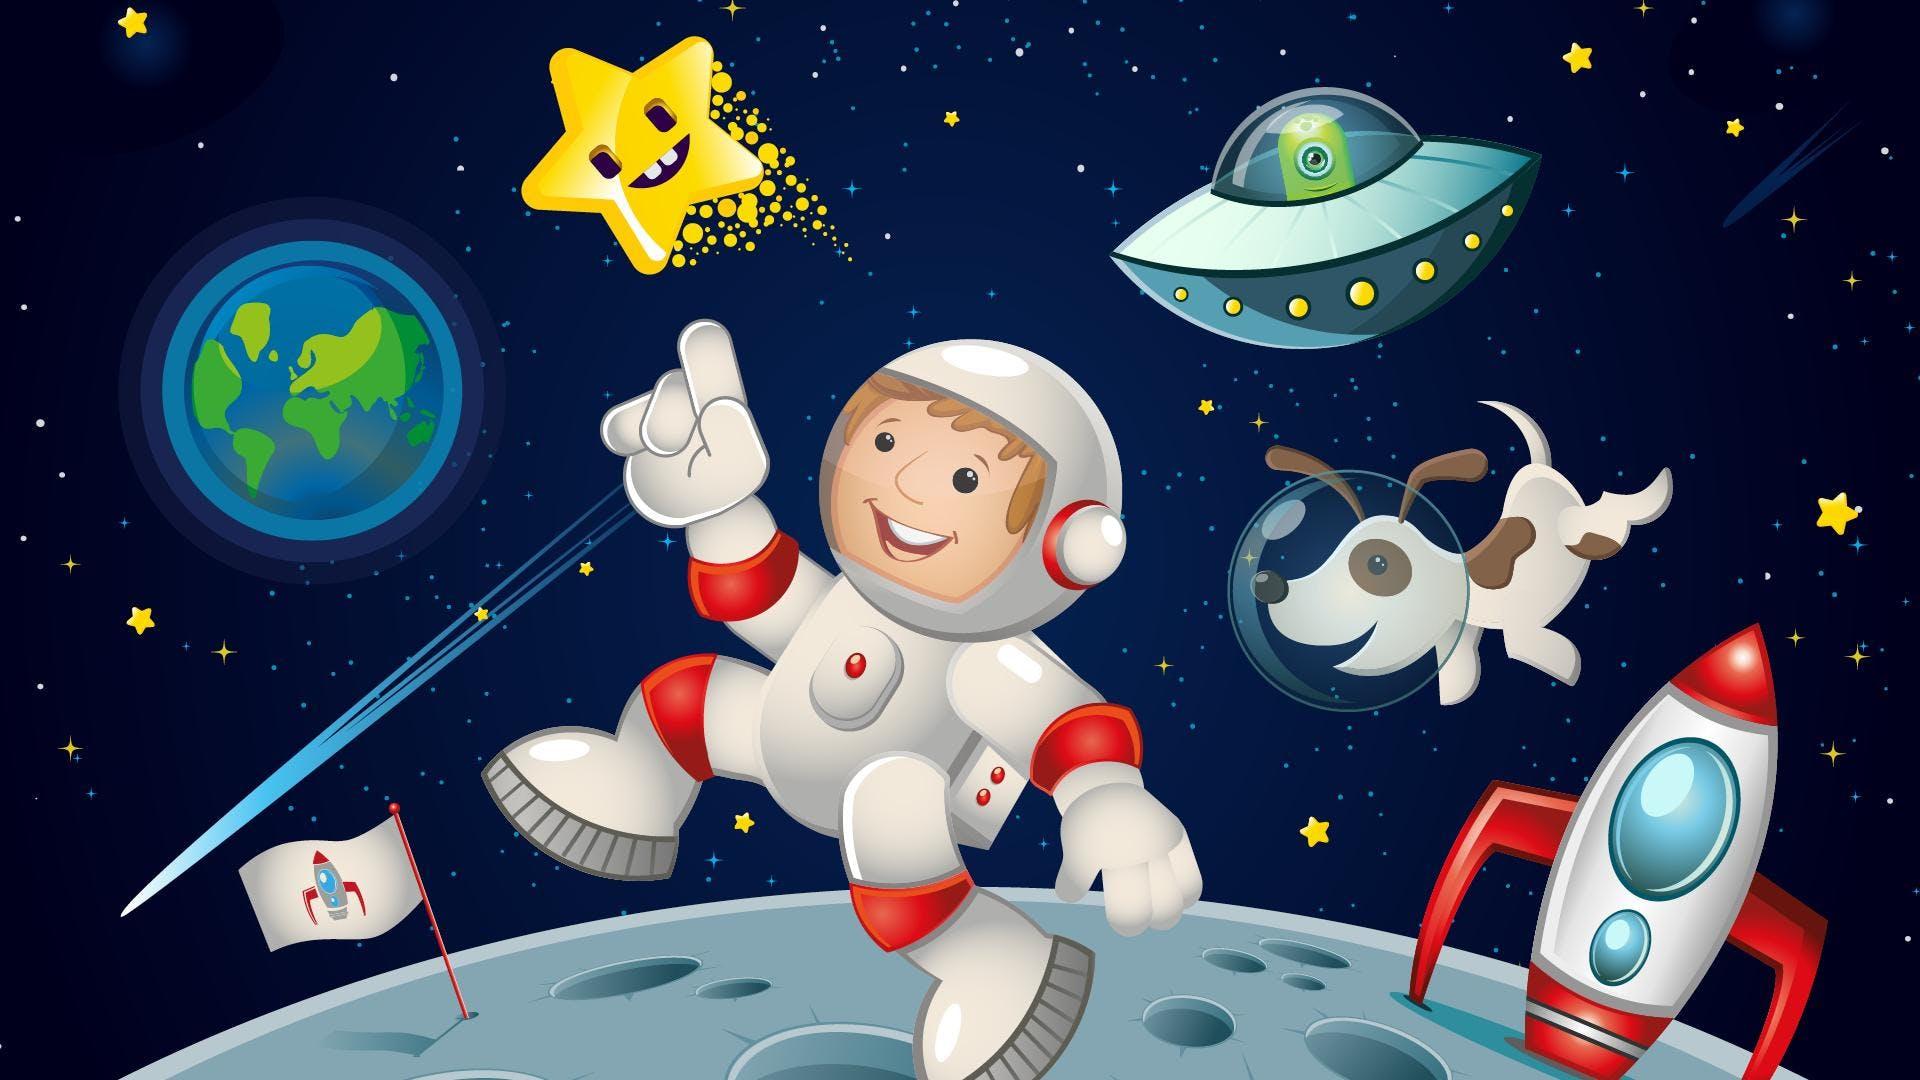 все картинки на тему космос для